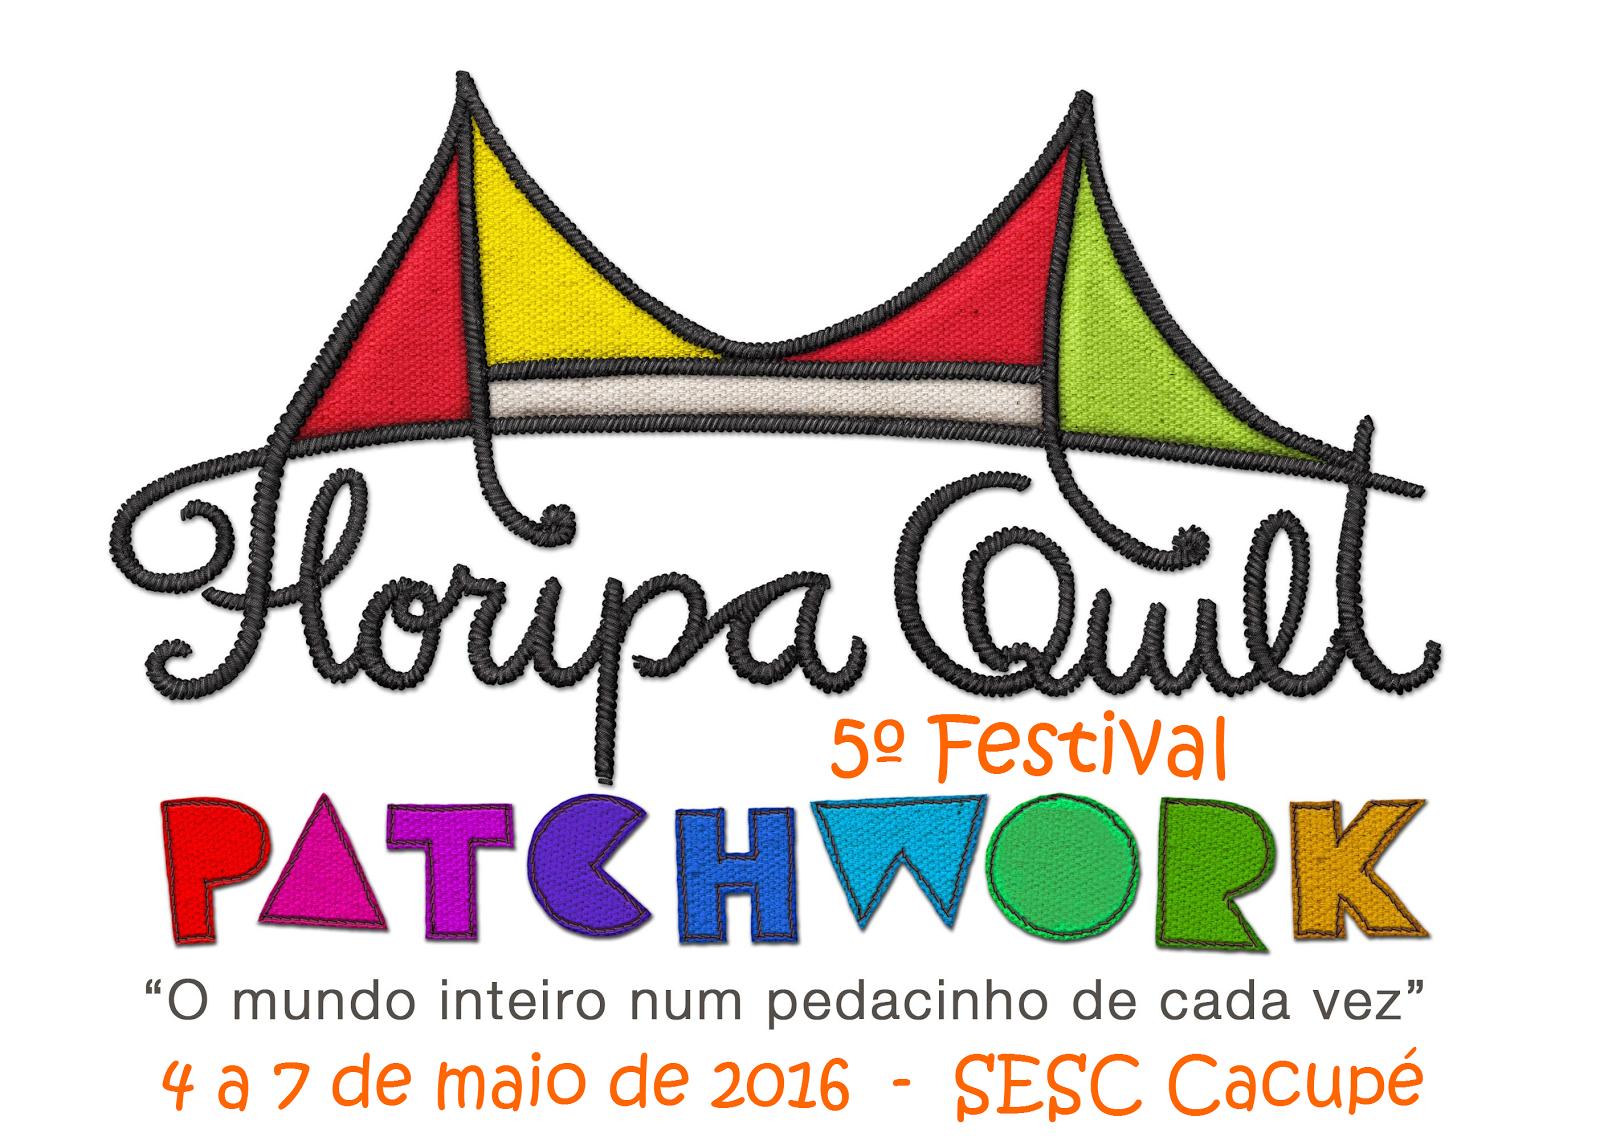 O Ateliê Corarte realizará a 5ª edição do Festival de Patchwork